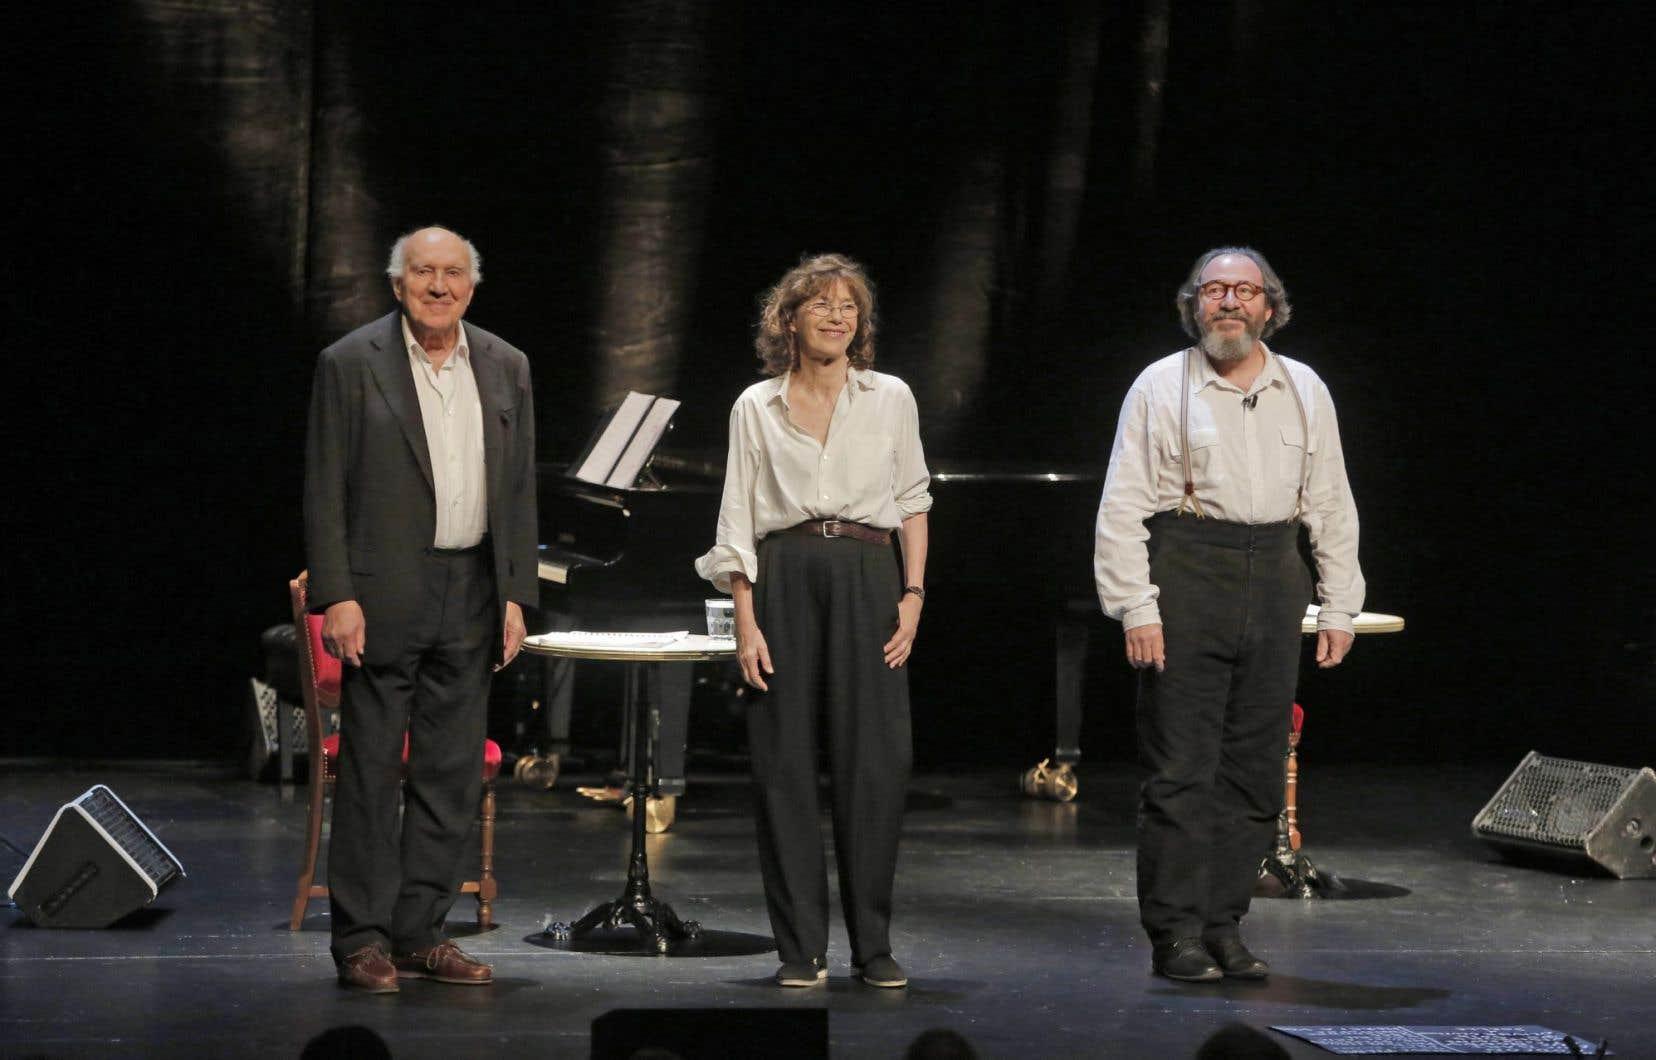 Michel Piccoli, Jane Birkin et Hervé Pierre porteront les mots de Serge Gainsbourg sur scène jeudi soir, à Montréal.